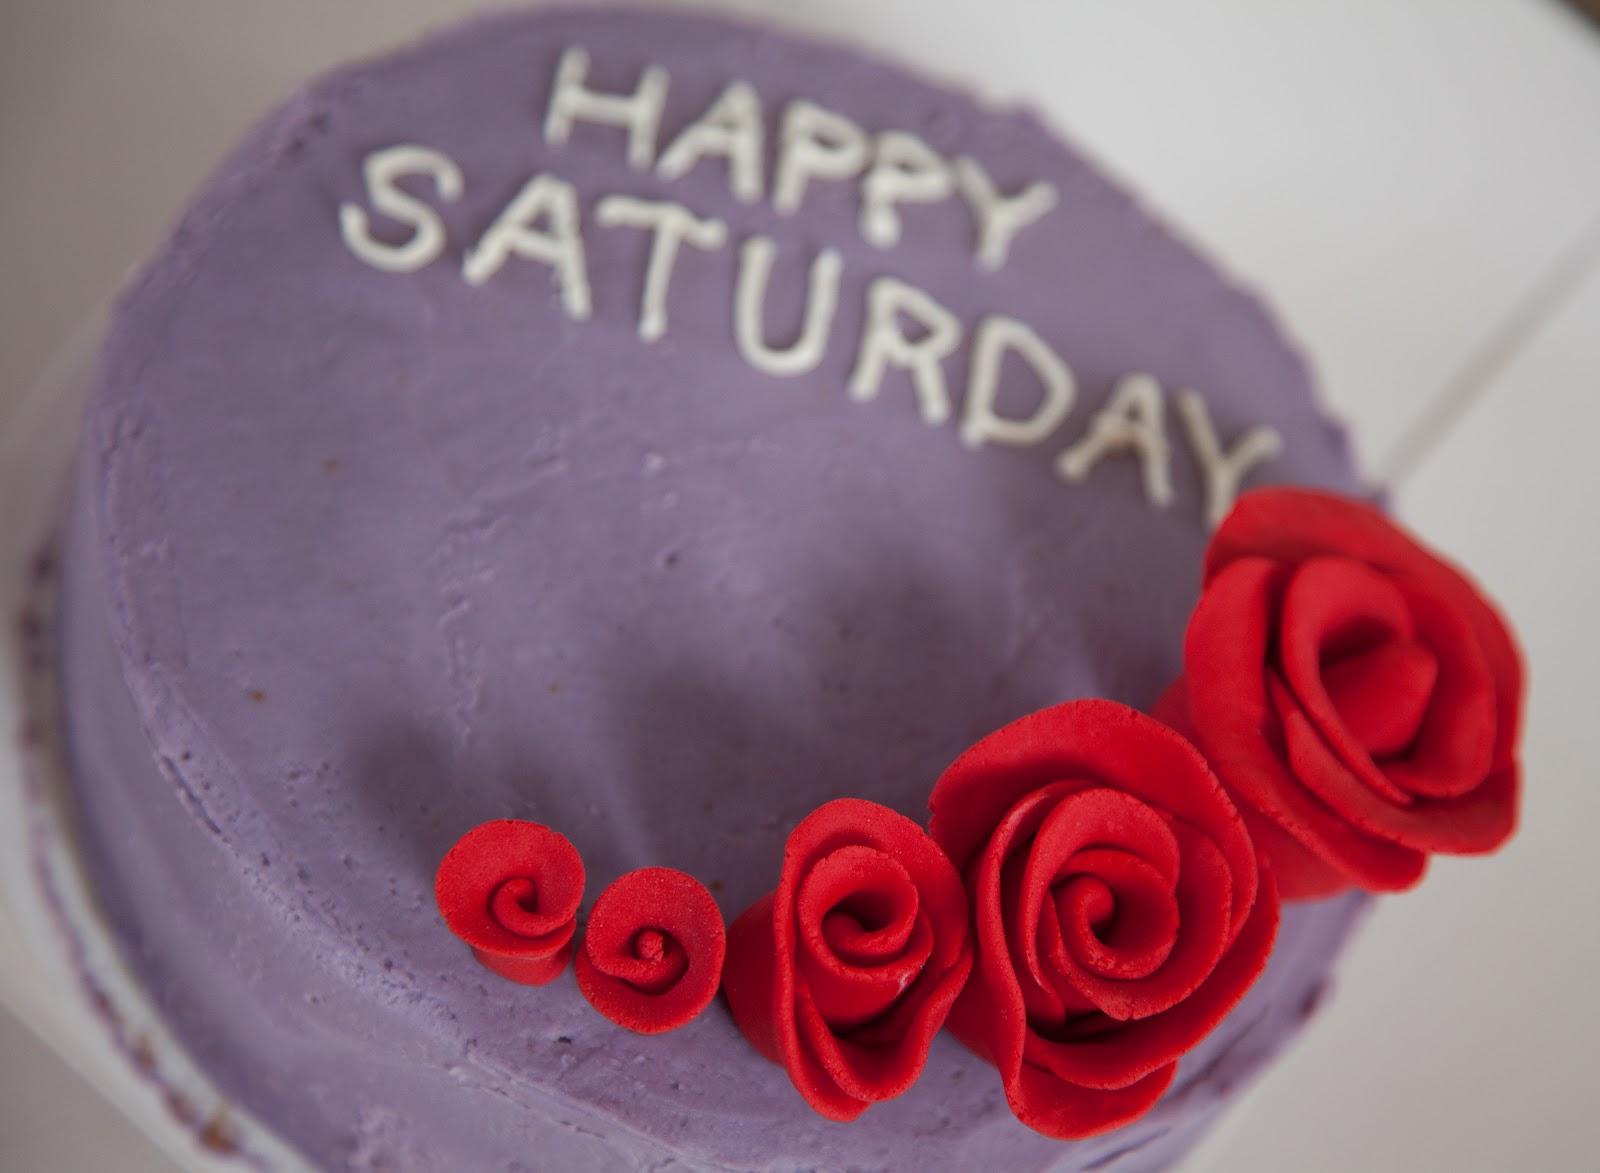 Edible Legacy: Happy Saturday